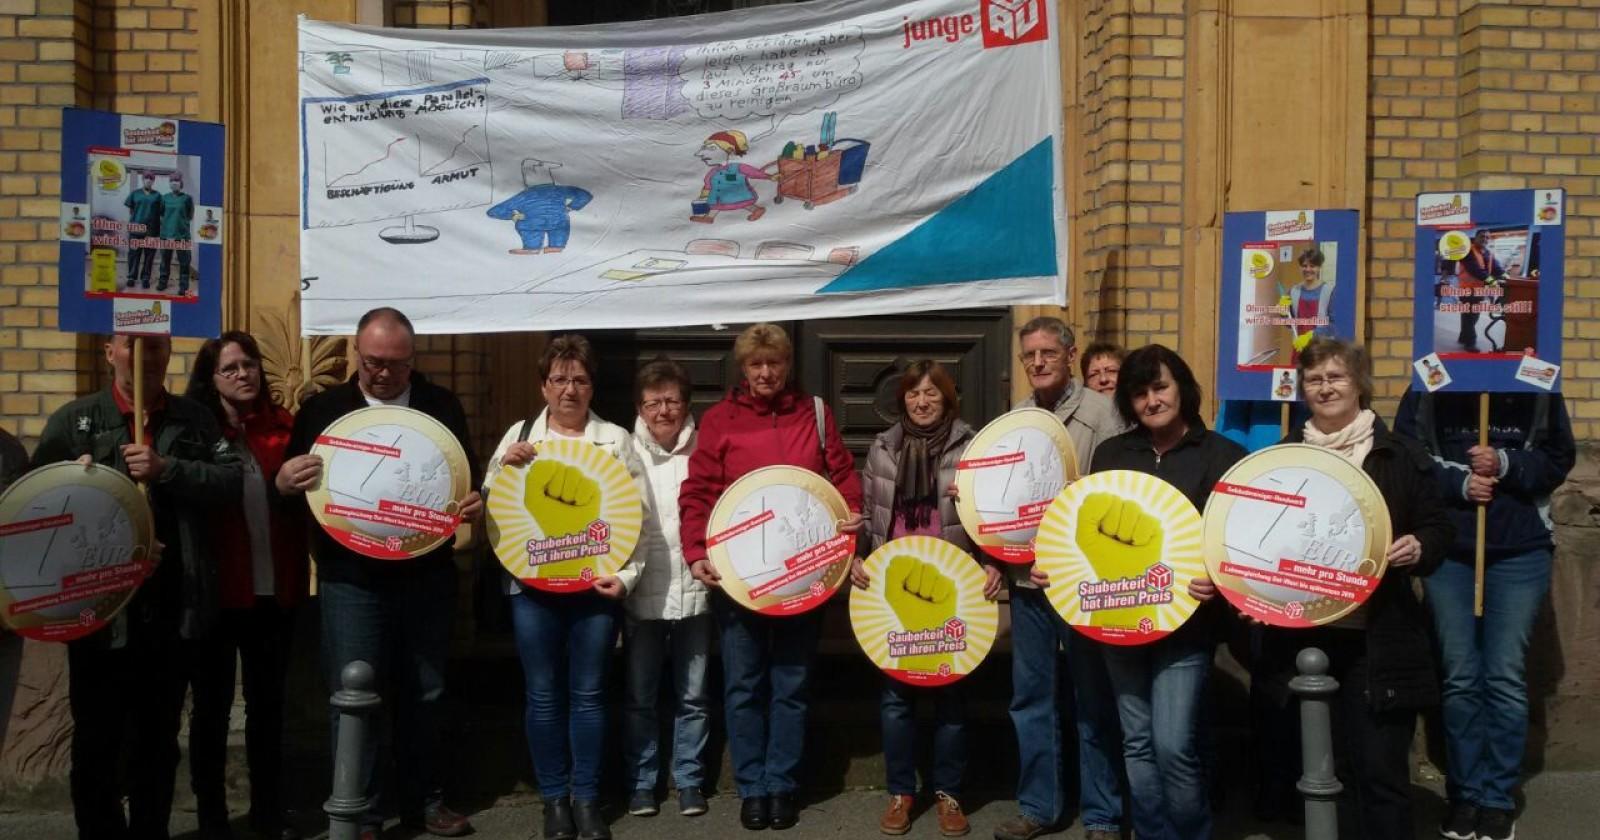 Fachgruppentreffen in Magdeburg: Bereit für die Tarifrunde 2017